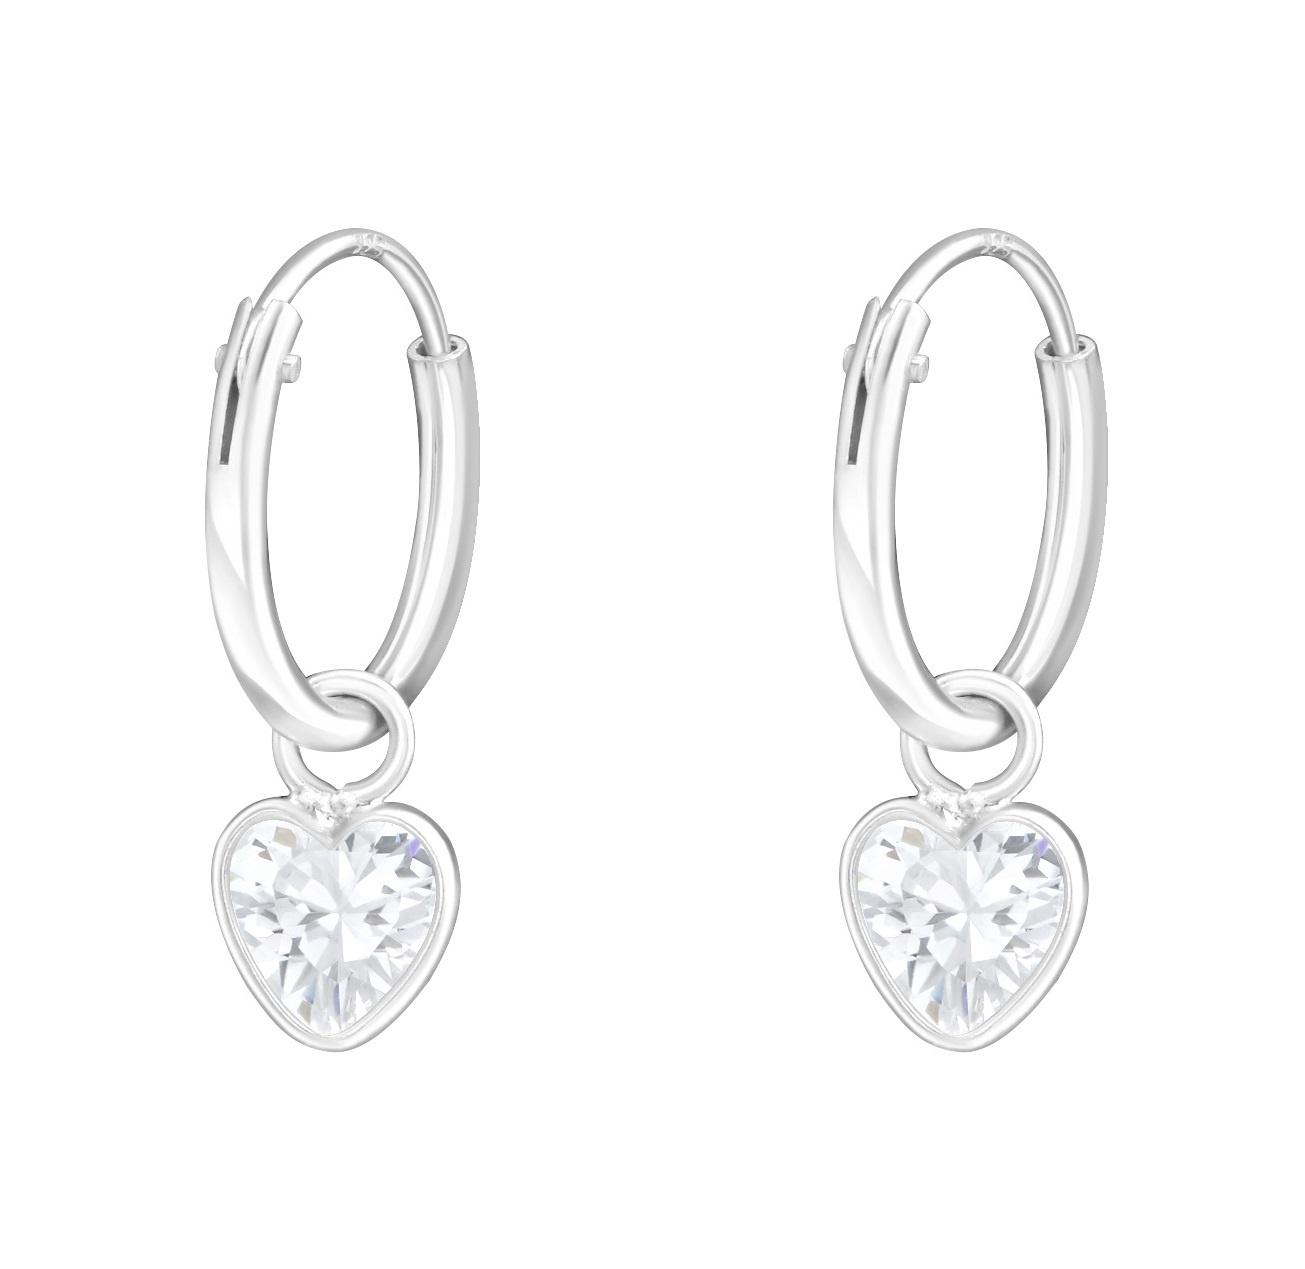 KAYA sieraden Zilveren Creolen 'White Crystal'